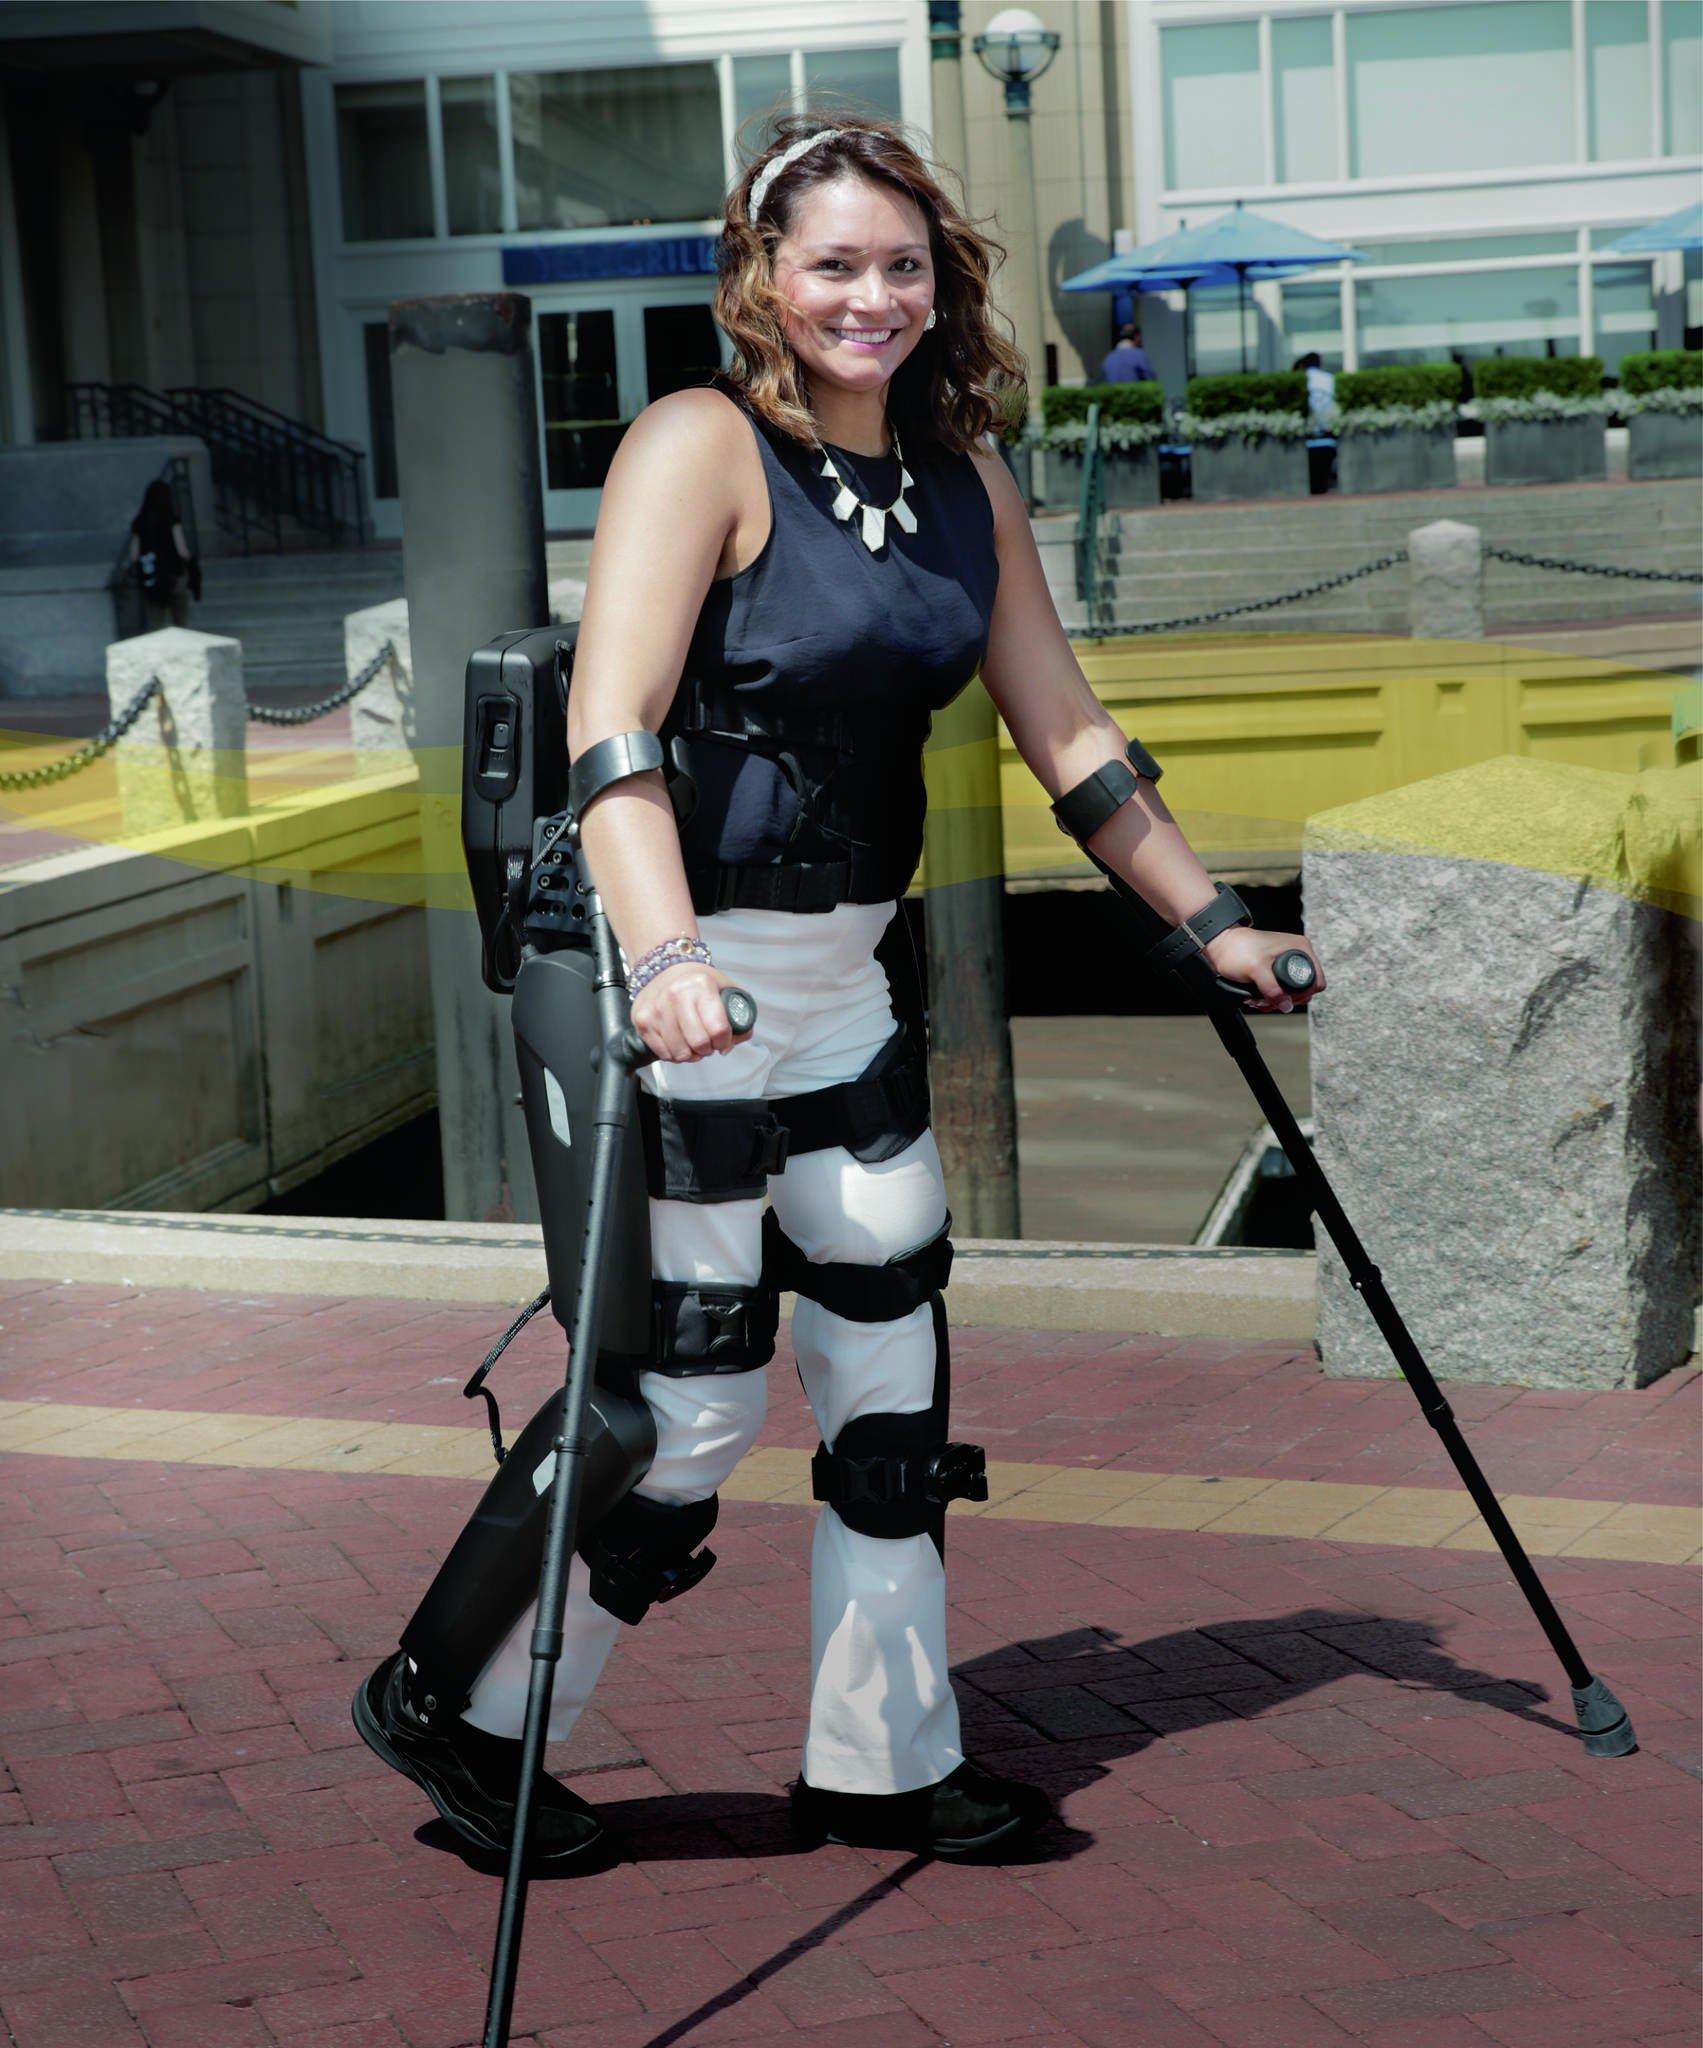 Mit dem neuen Exoskelett von ReWalk sind Schrittgeschwindigkeiten von bis zu 2,6 km/h möglich.